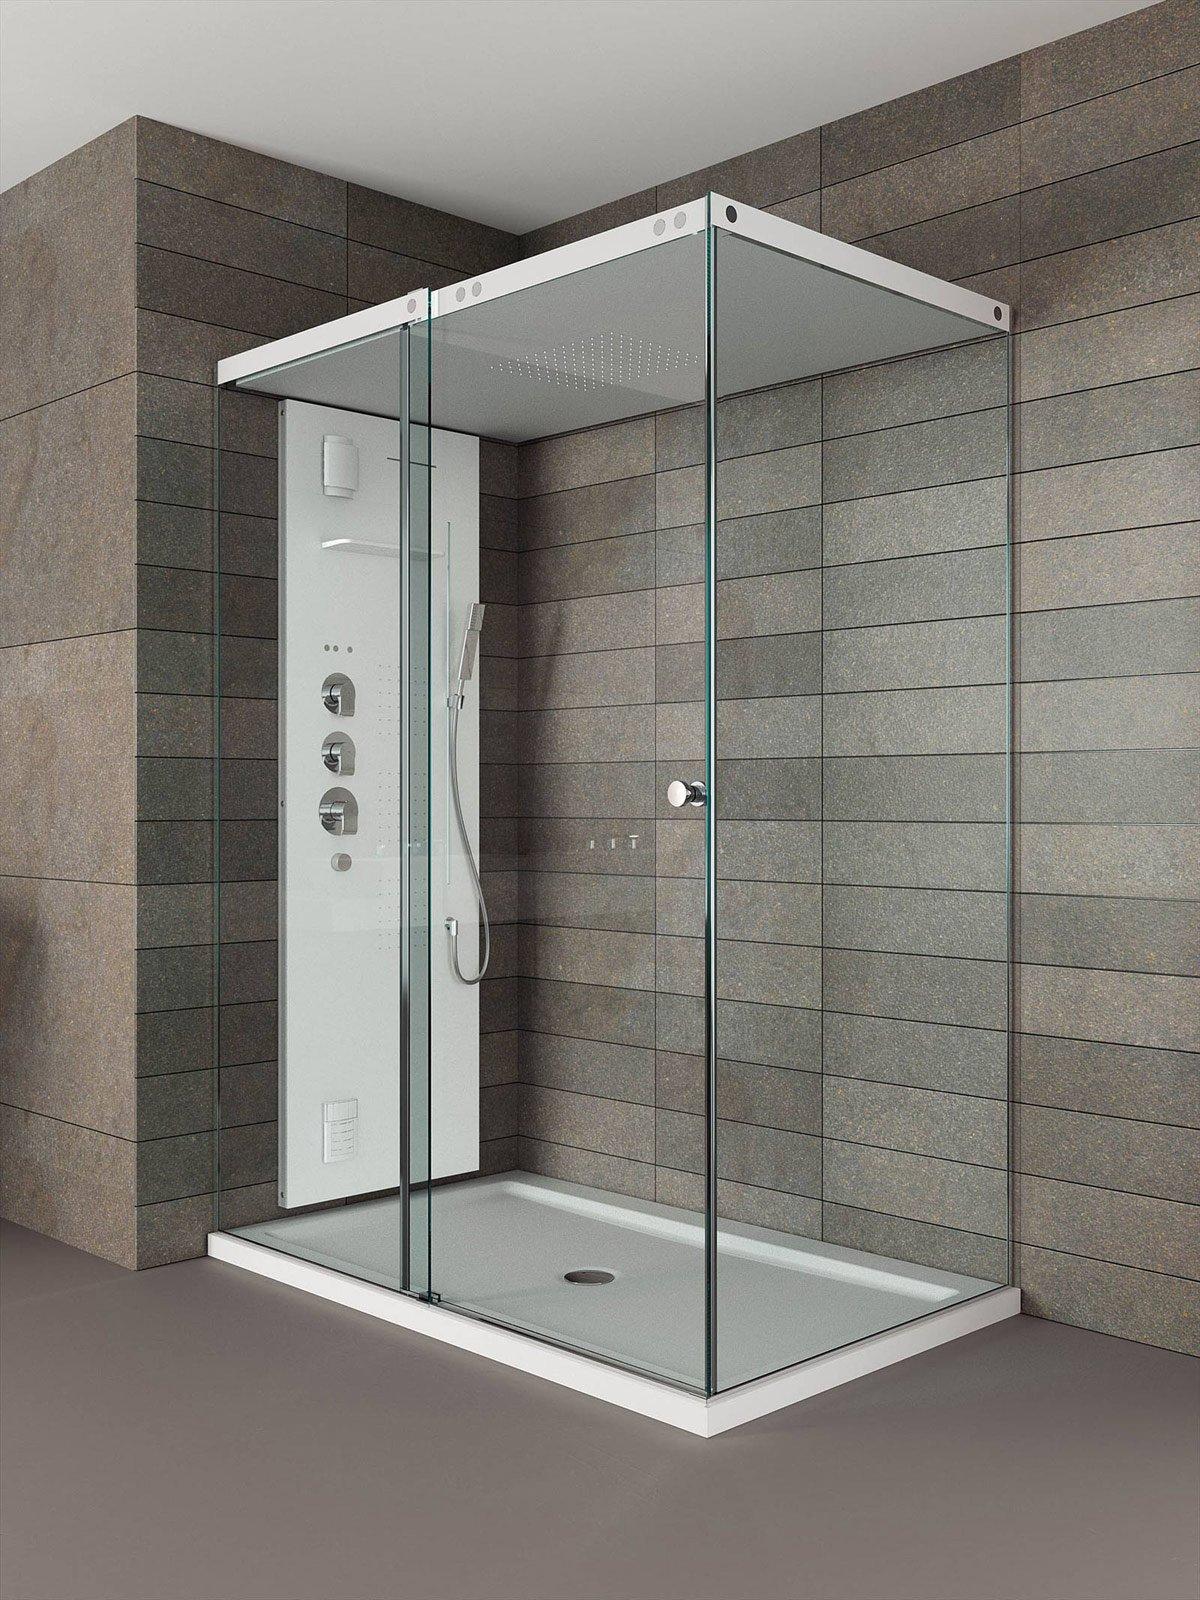 Bagno come attrezzarlo per il tuo benessere cose di casa for Arredo bagno con box doccia